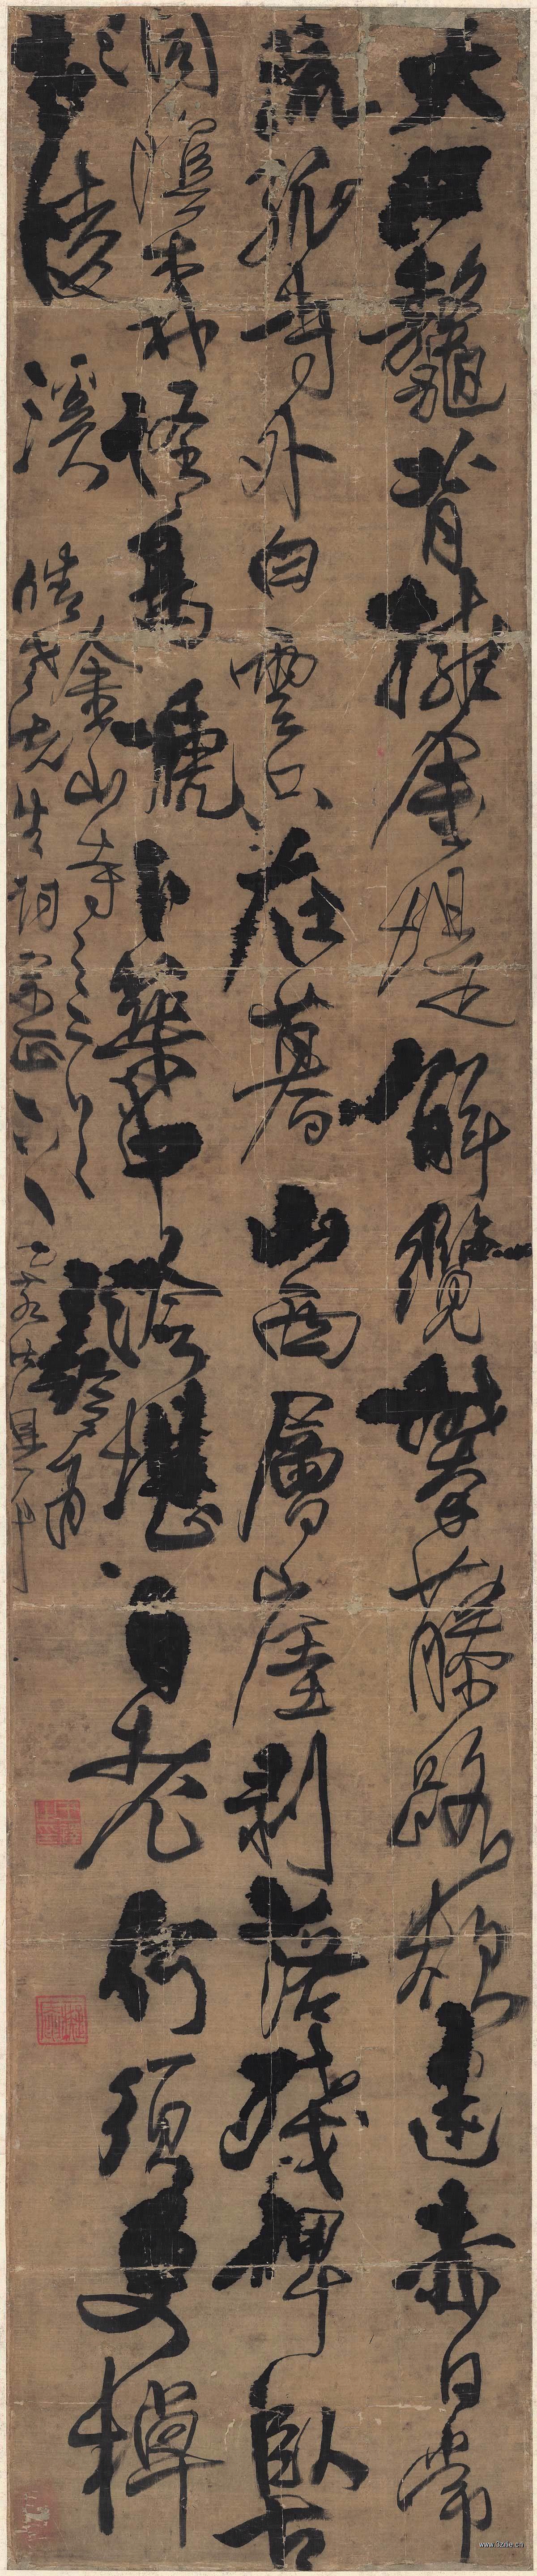 明 王铎 行书立轴绢本274x57.3